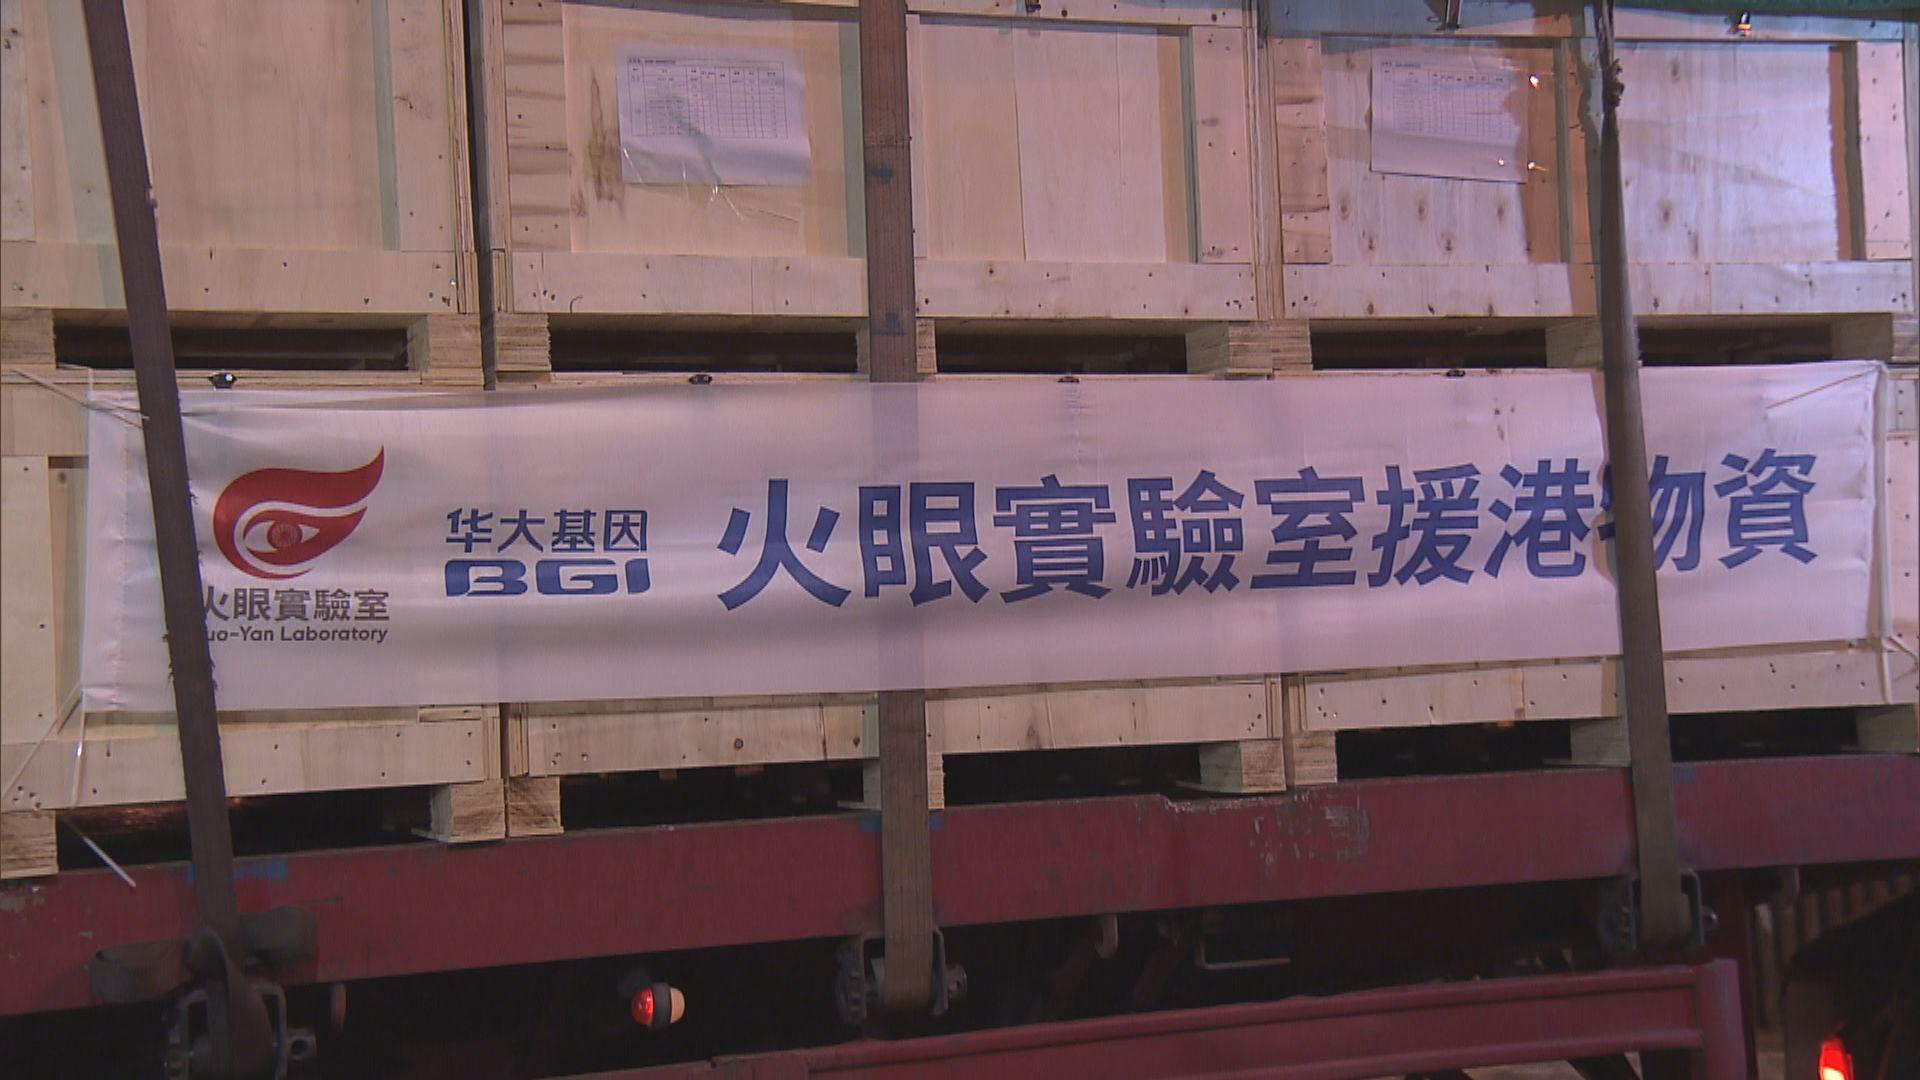 華大基因貨車周四晚在西環體育館卸下物資